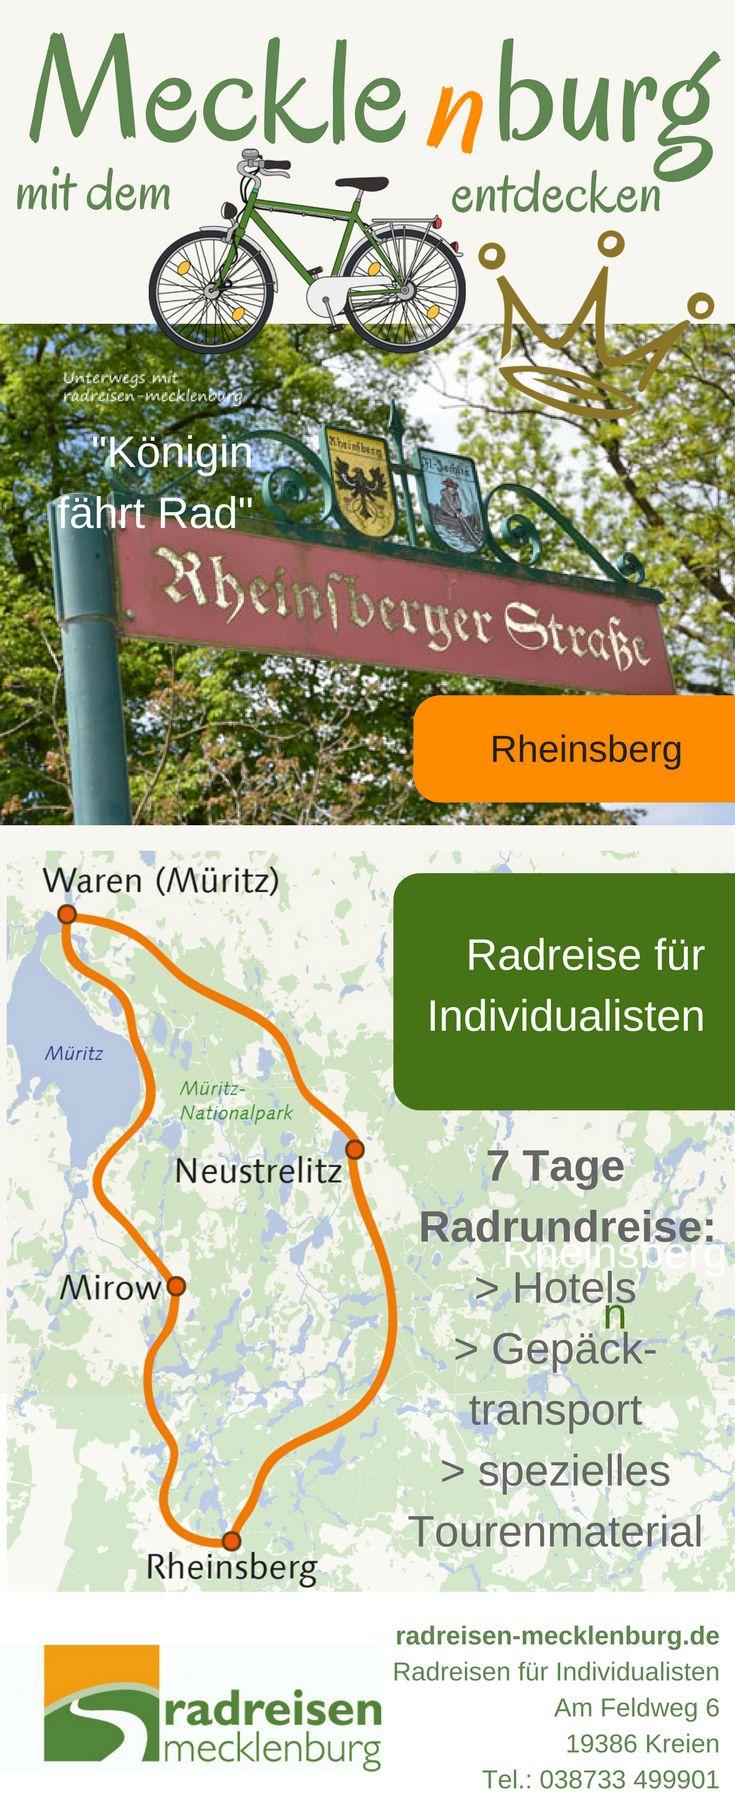 Neue #Reise 2018: Von der Müritz in die Mark Brandenburg. Radreise in 7 Tagen mit Gepäcktransport für Individualisten #urlaub #deutschland #radreise